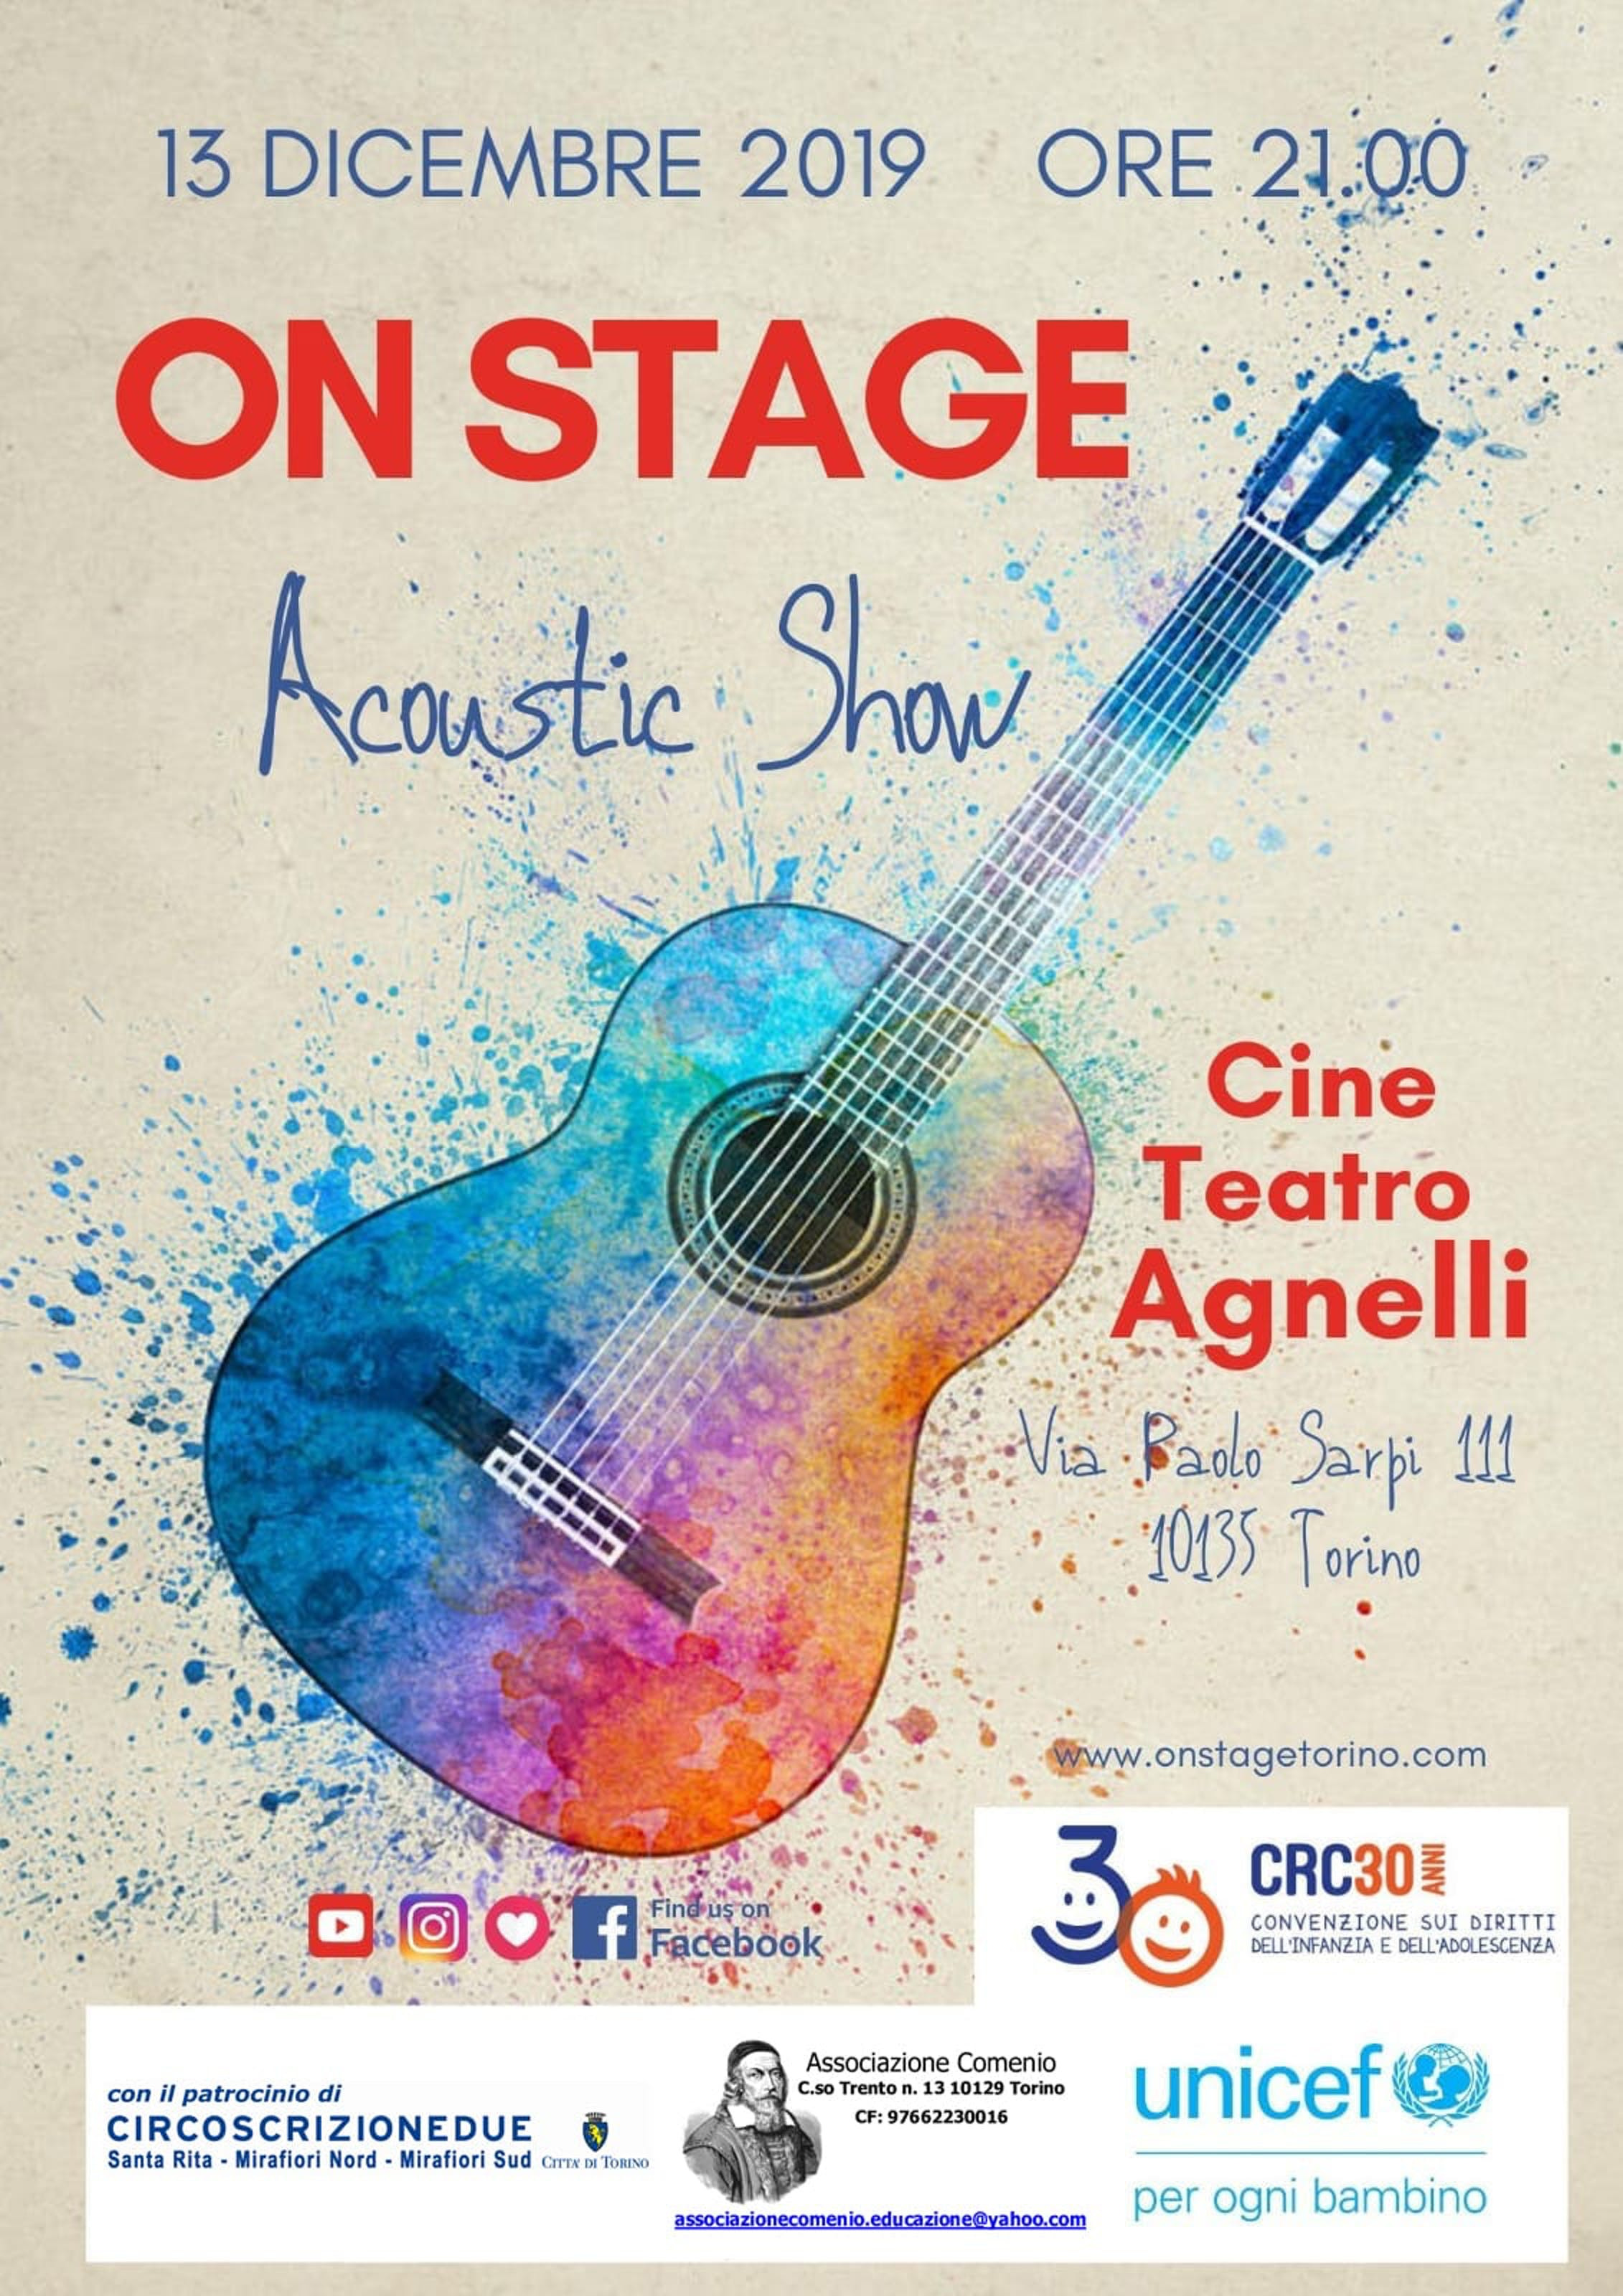 Un Concerto al teatro Agnelli per i 30 anni della Convenzione ONU sui Diritti dell'infanzia